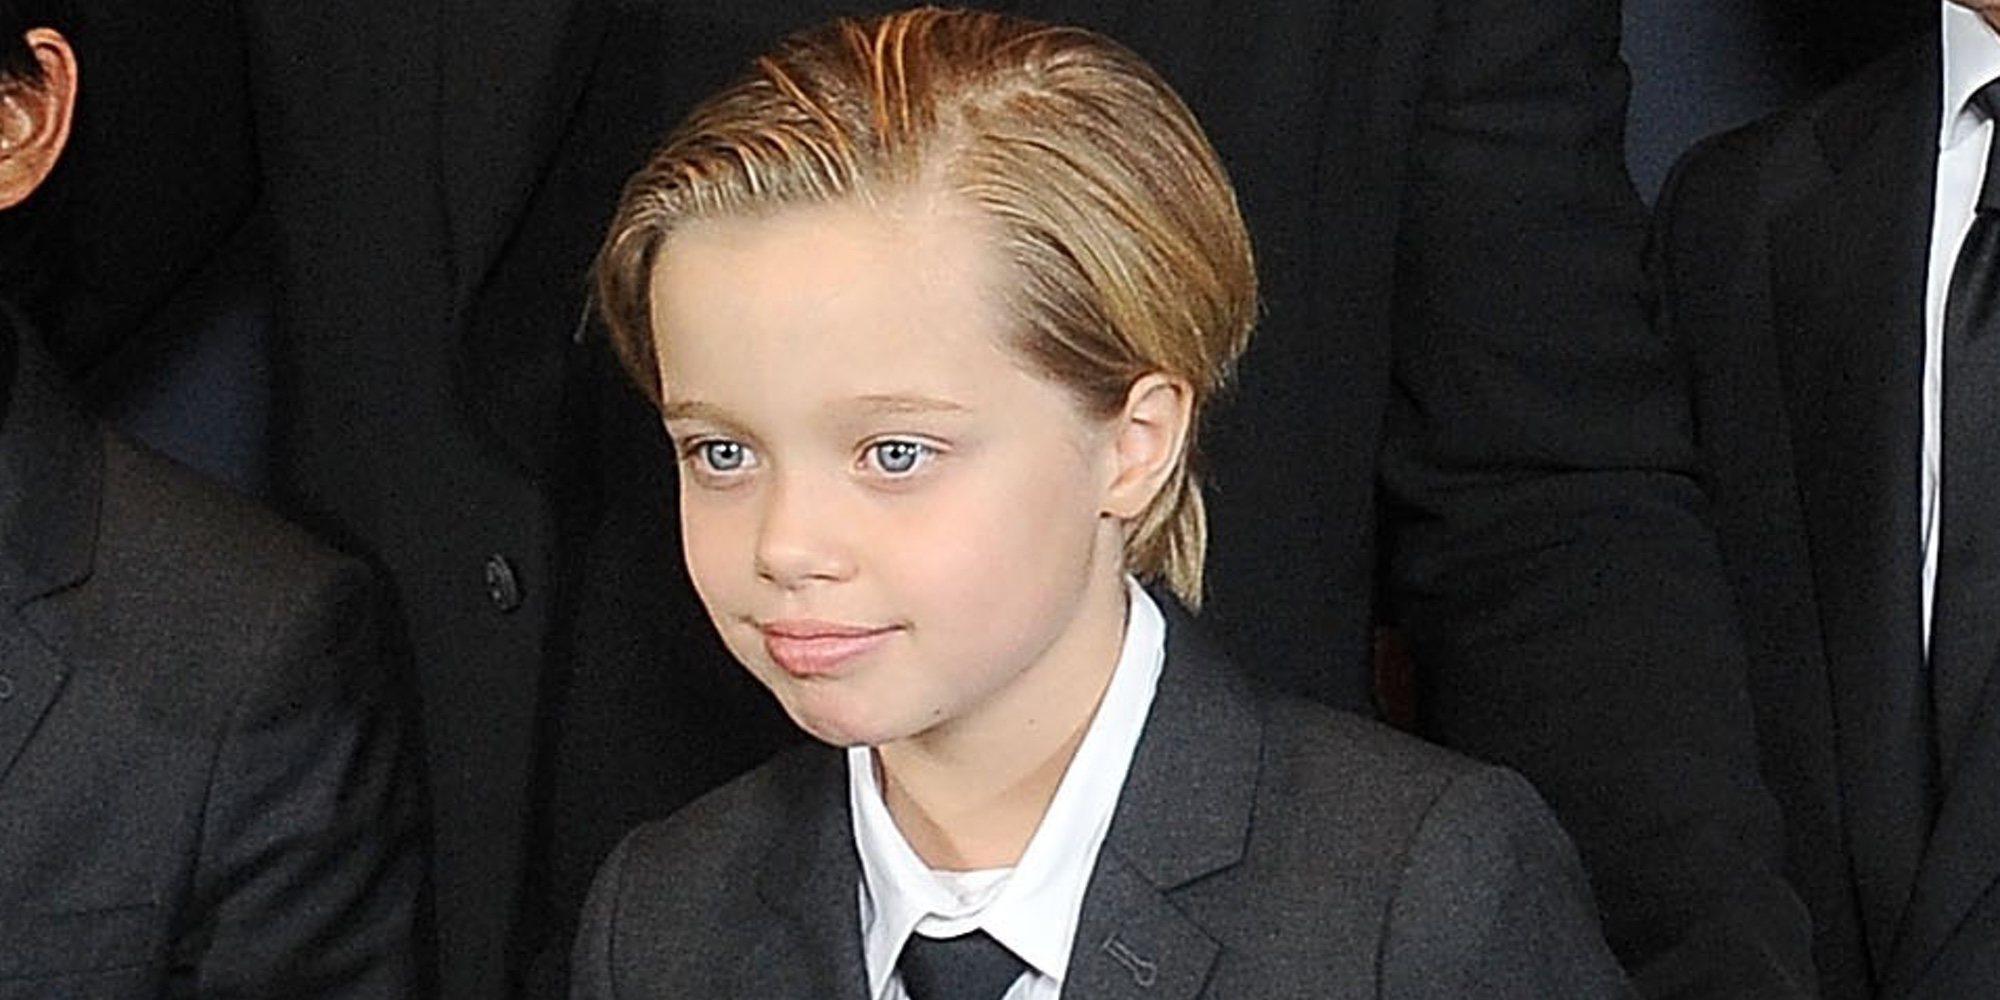 El plan de cumpleaños que Angelina Jolie le ha preparado a su hija Shiloh Jolie-Pitt